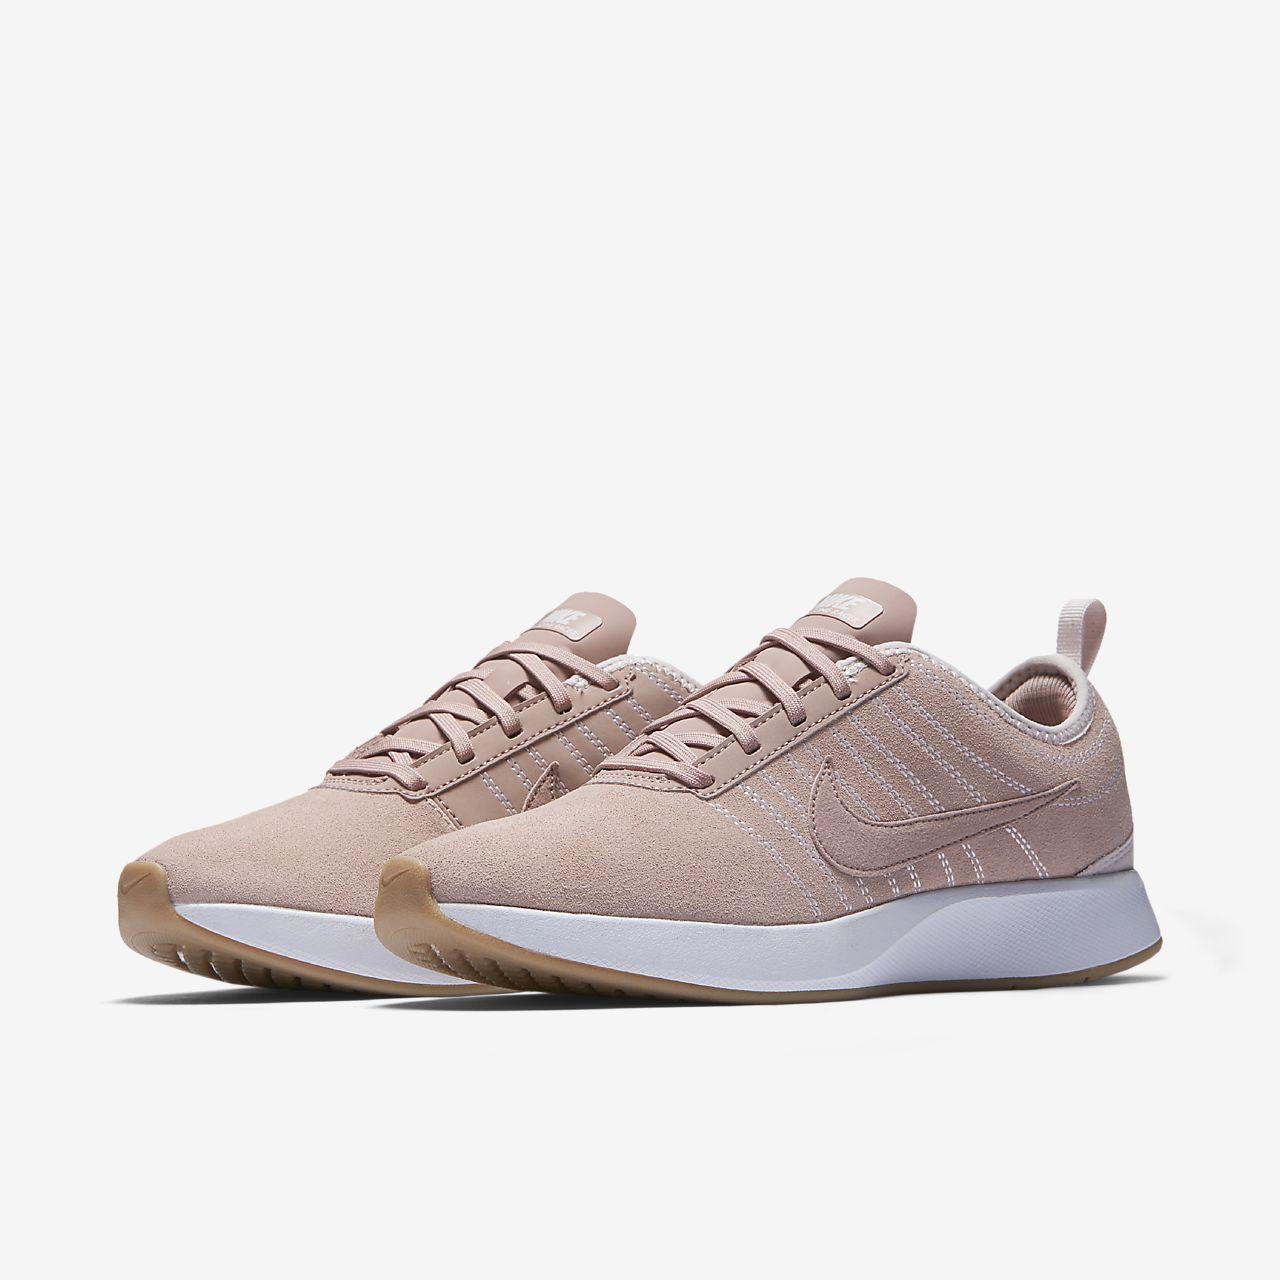 d27b7b2bd175 Nike Dualtone Racer SE Women s Shoe